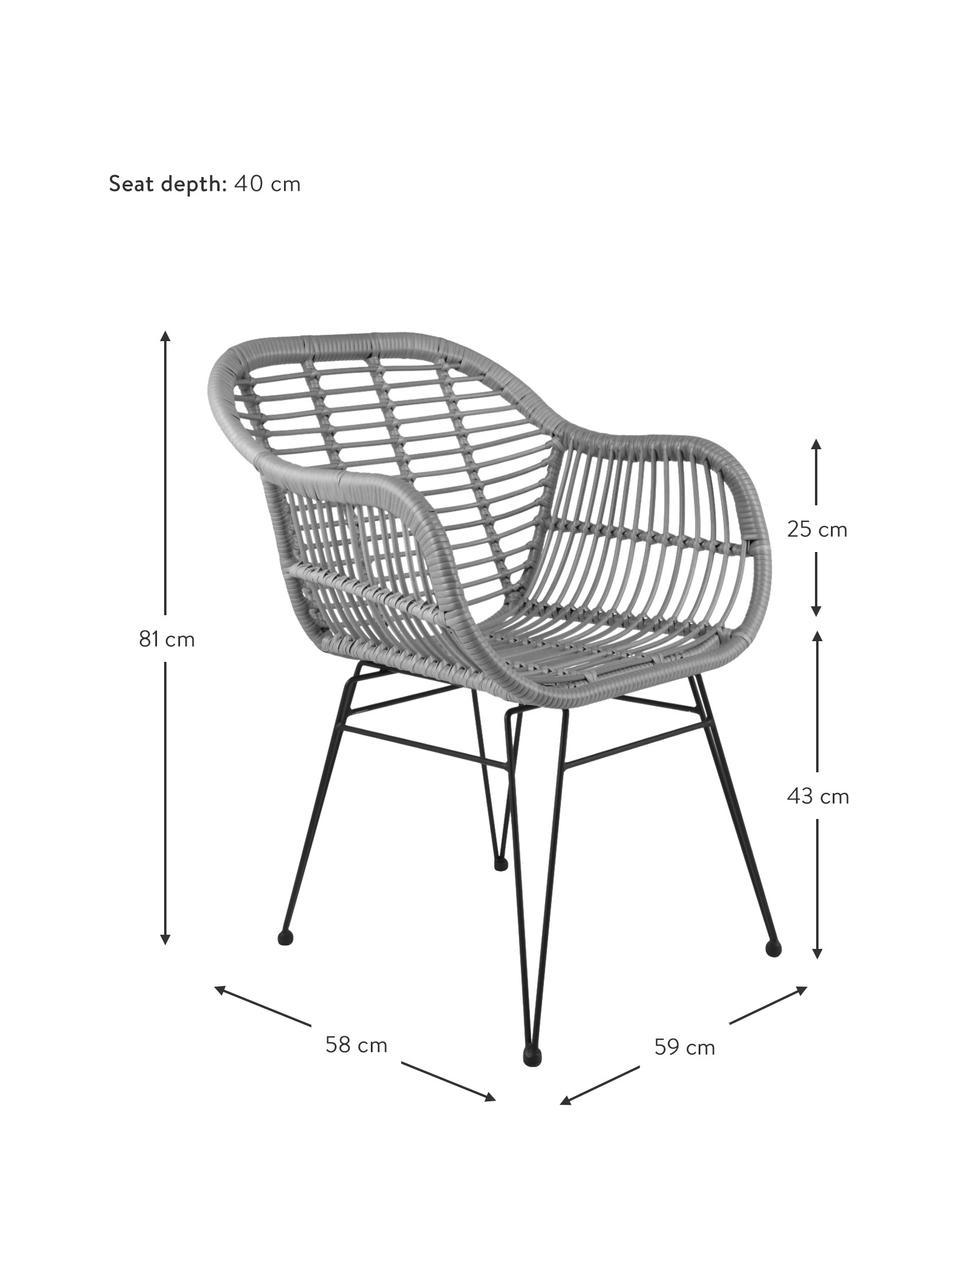 Krzesło z podłokietnikami z polirattanu Costa, 2 szt., Stelaż: metal malowany proszkowo, Szary, czarny, S 59 x G 58 cm